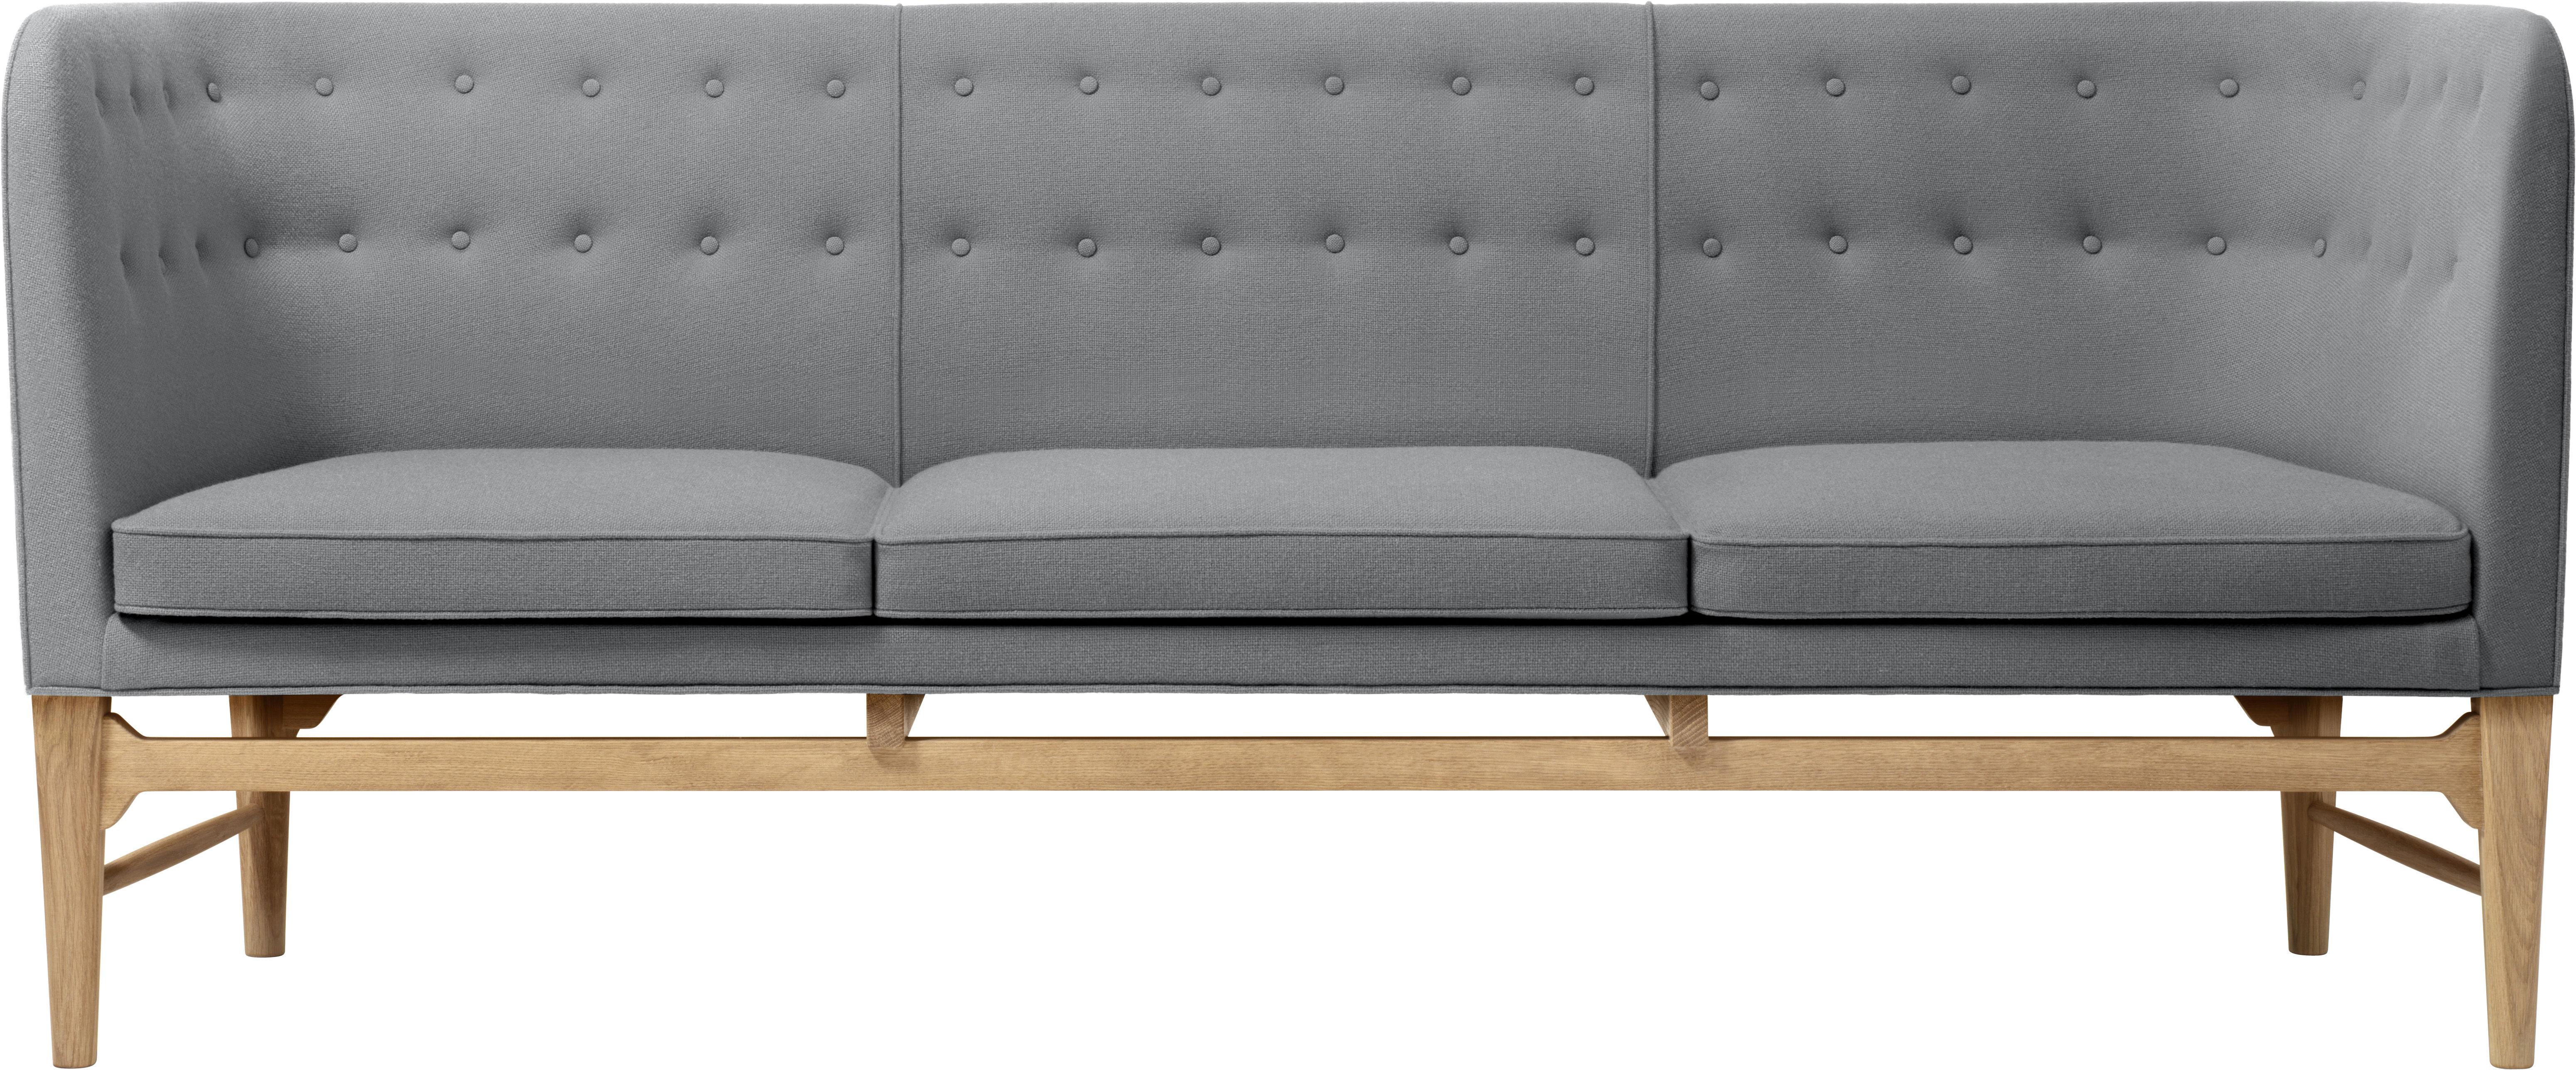 Mobilier - Canapés - Canapé droit Mayor Sofa by Arne Jacobsen / 3 places -L 200 cm - &tradition - Gris - Chêne massif, Mousse, Tissu Kvadrat